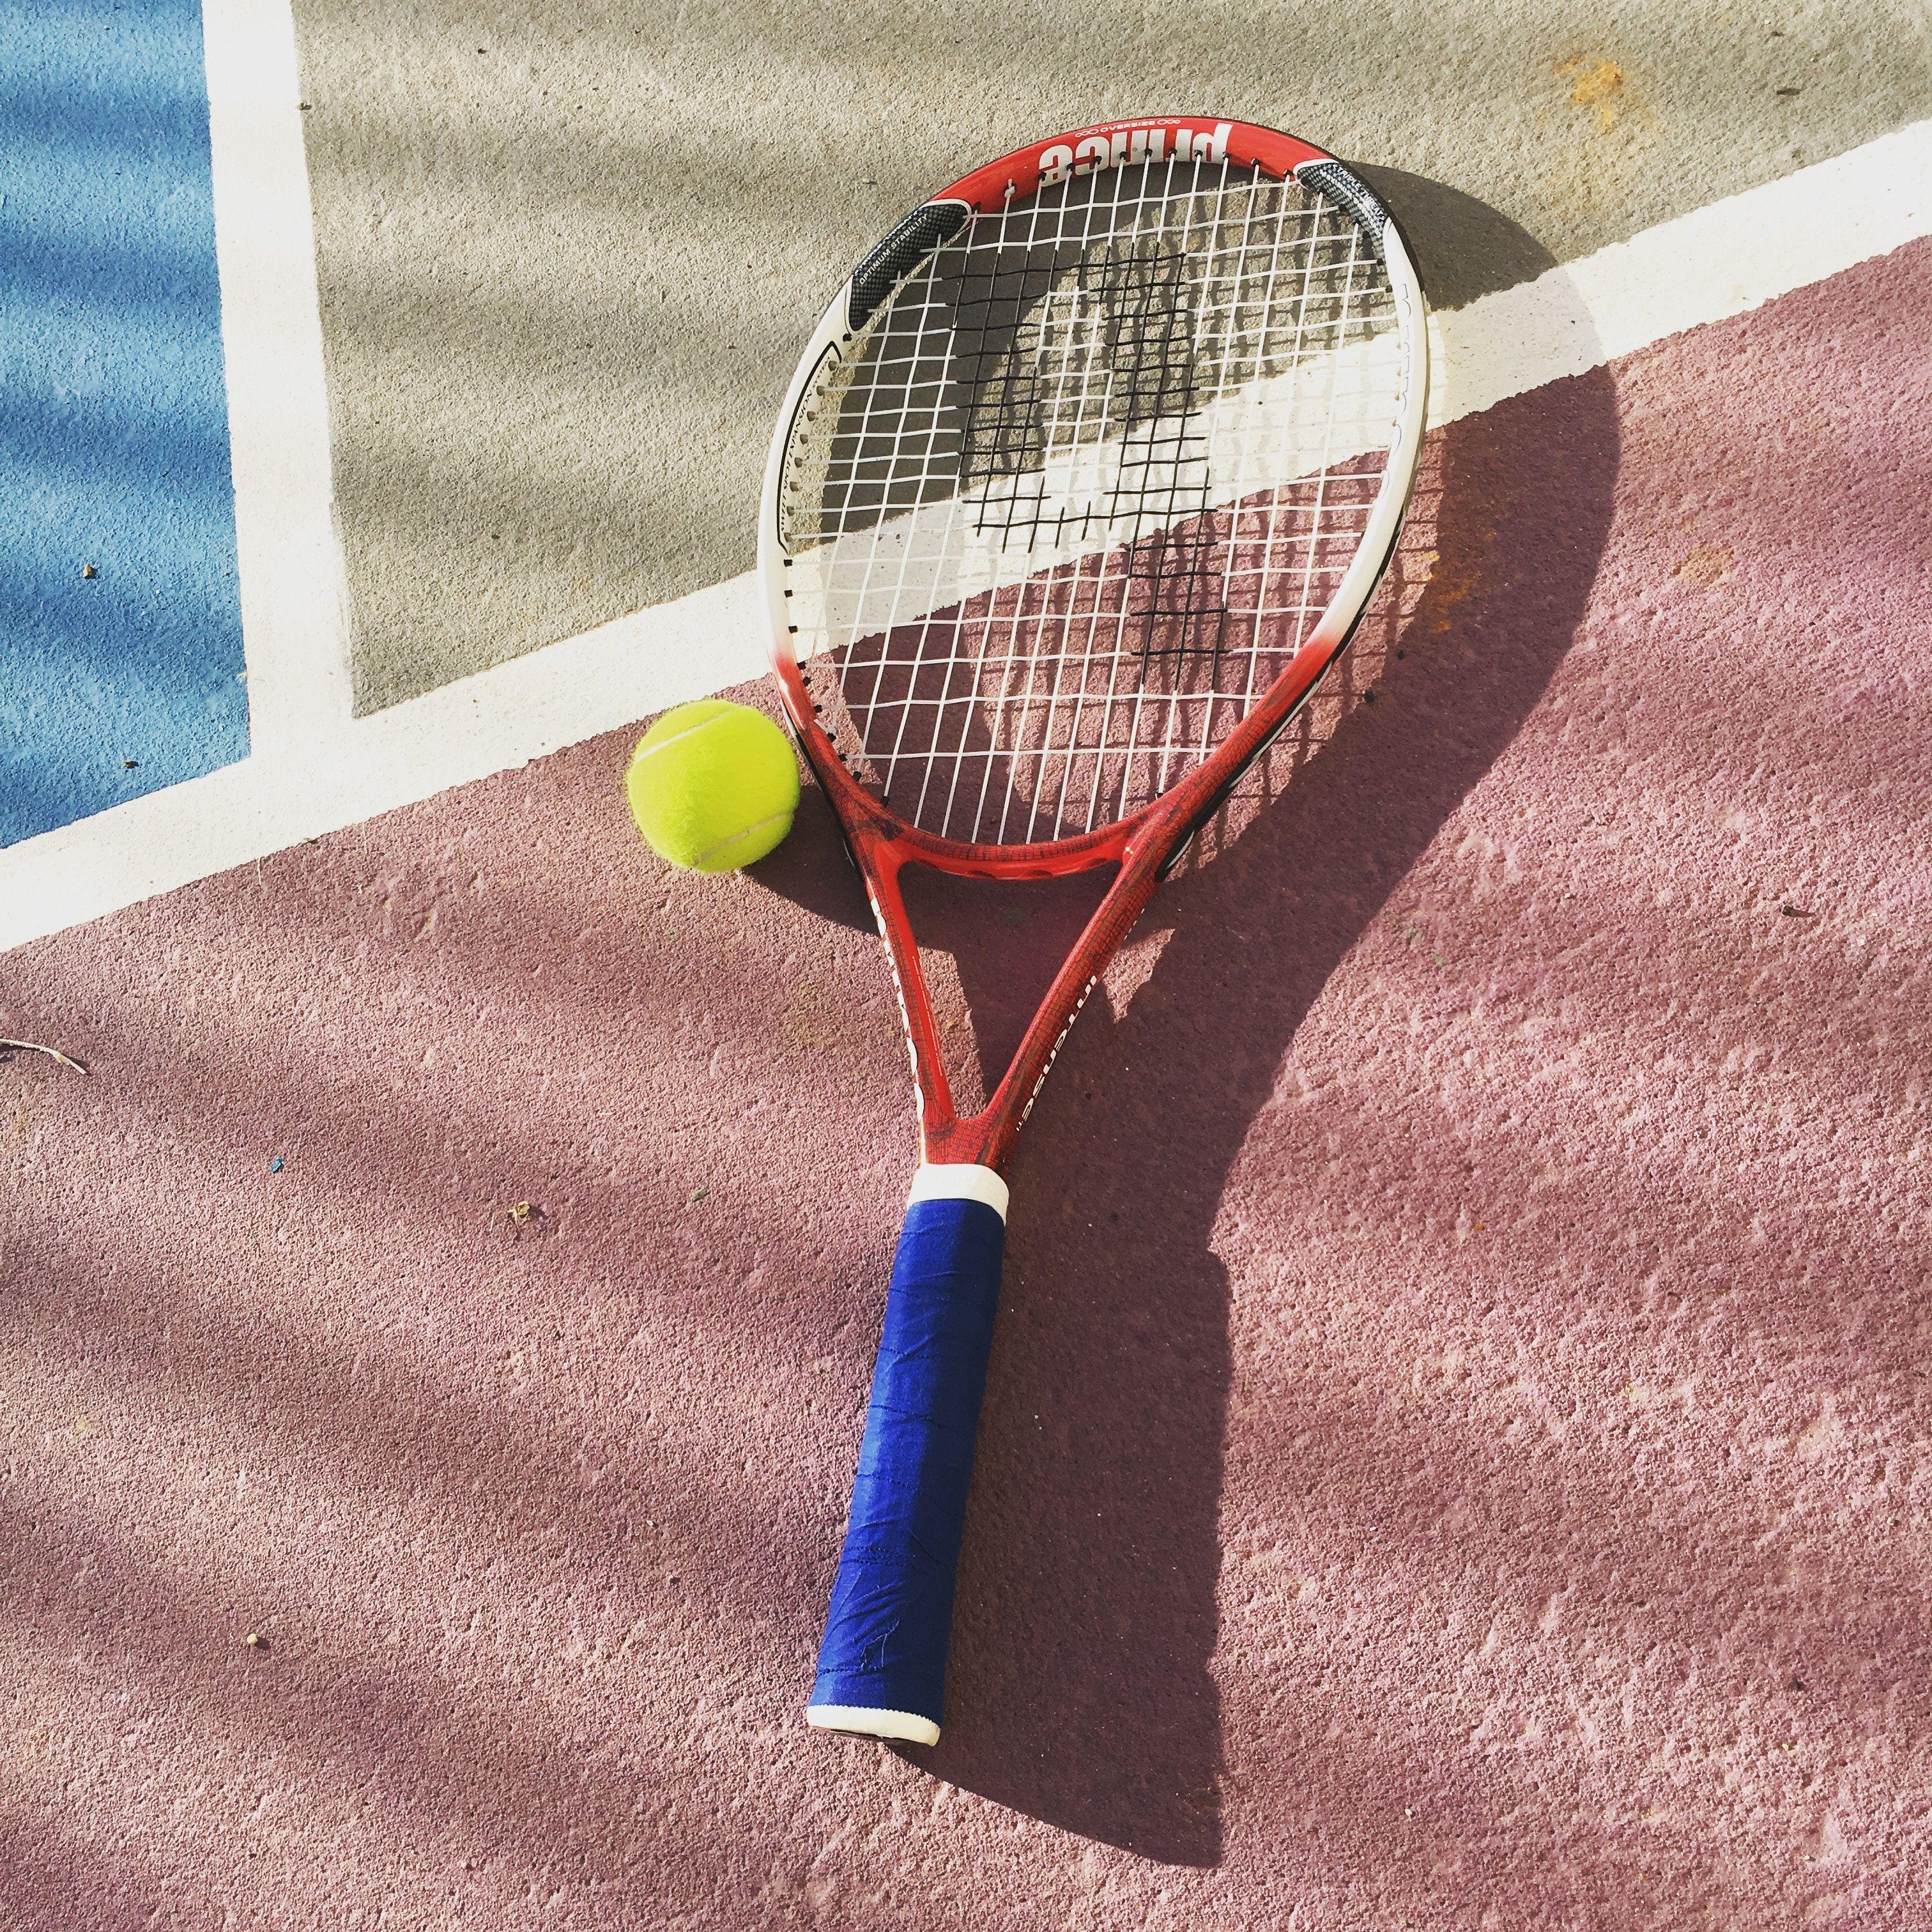 Açık havada Tenis oynamanın keyfi bir başka.. Enjoy